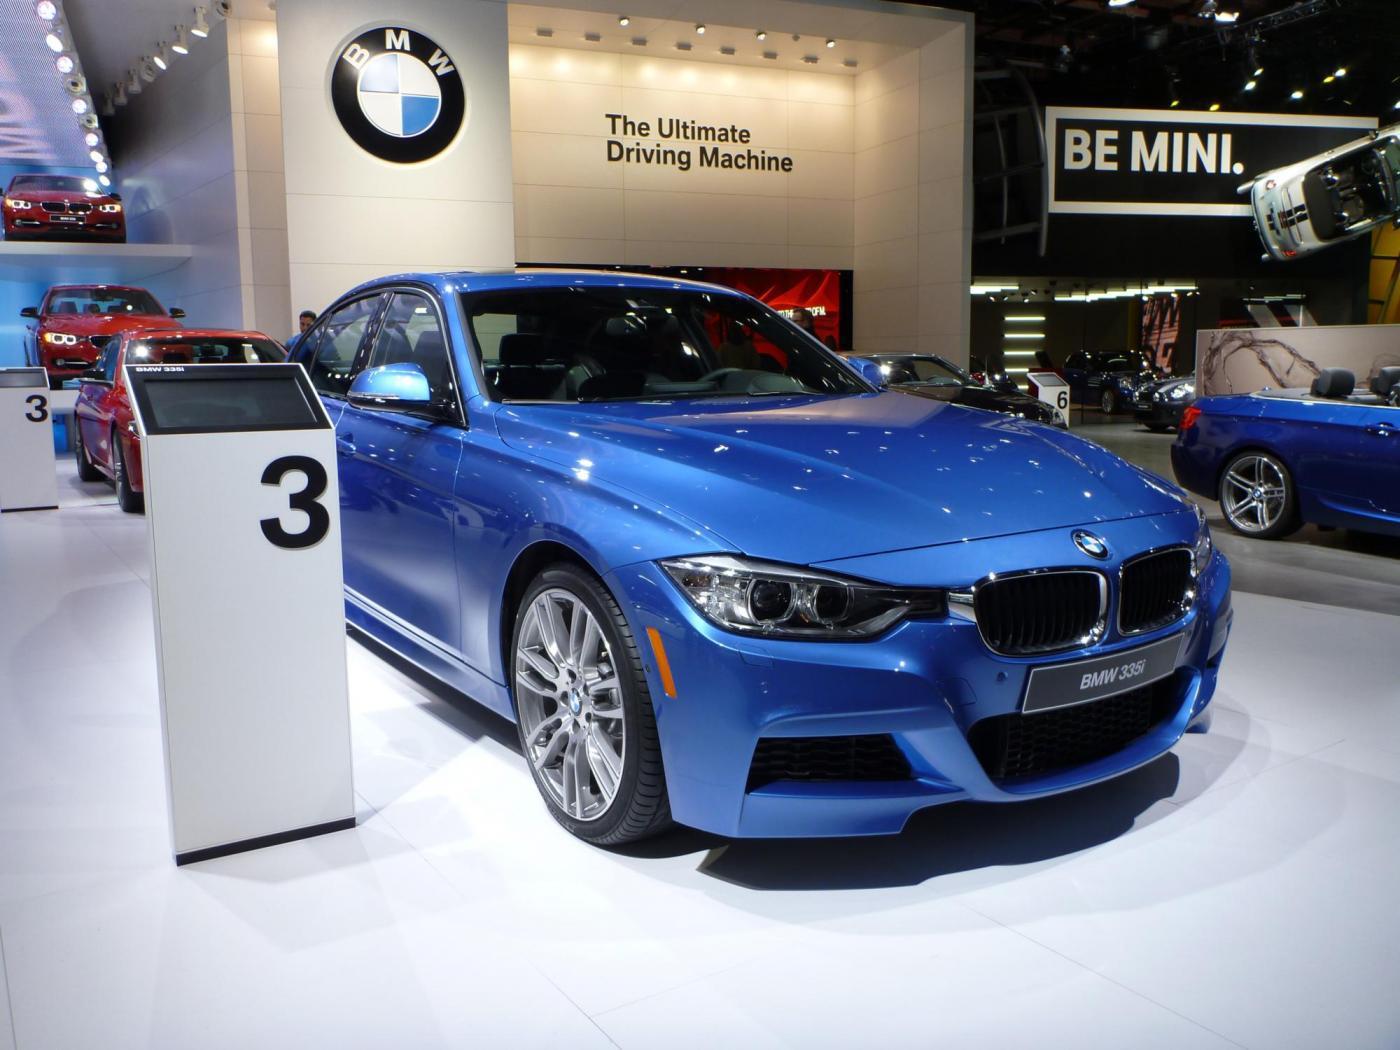 2016年最新及び2015年度合計輸入車販売台数ランキング20(車種モデル別)!BMWはどの車種がランキング入り!?【2016年第1四半期、2015年度合計】